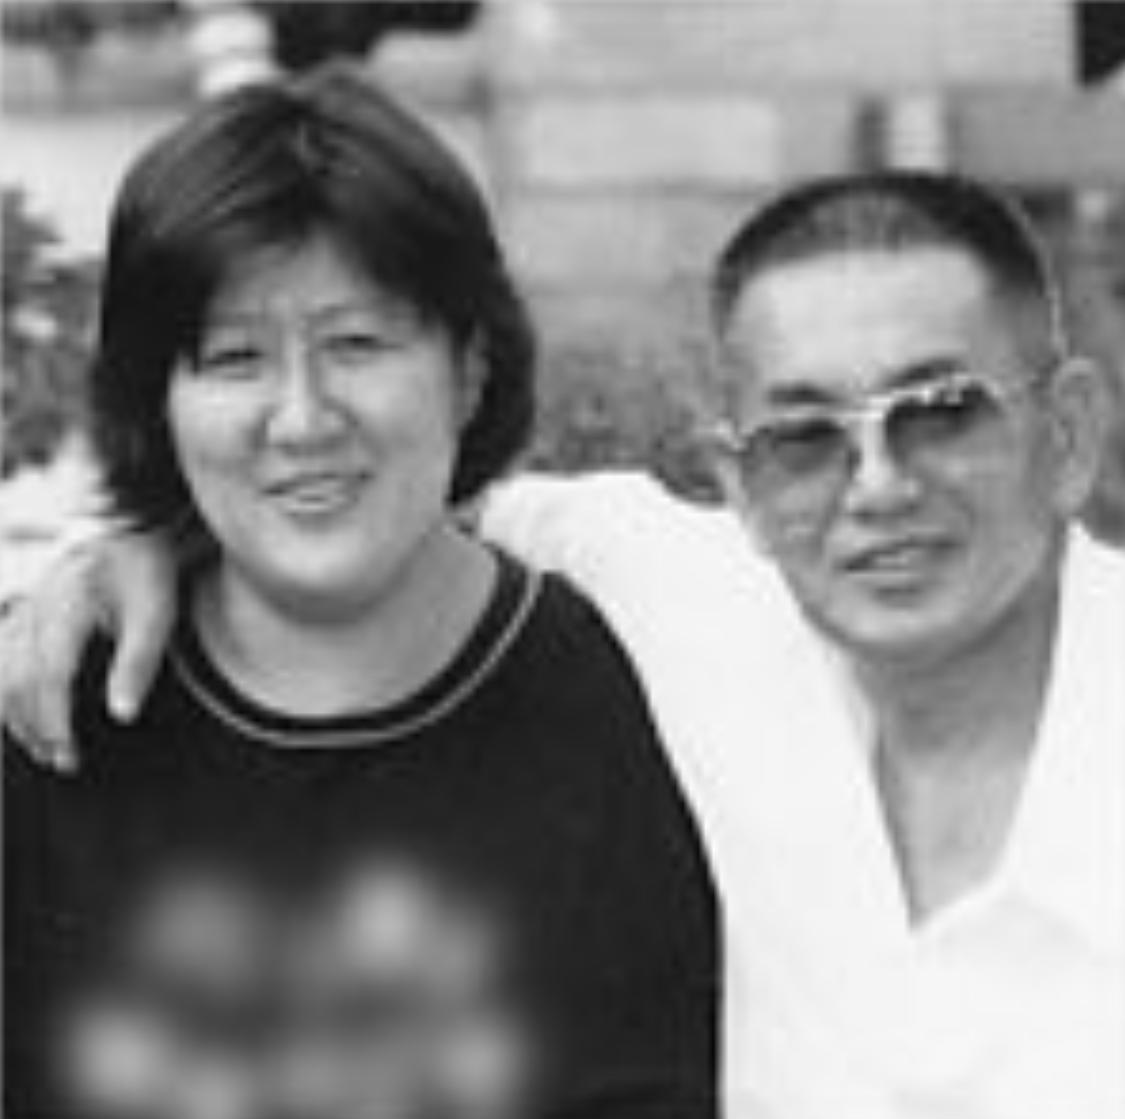 和歌山毒物カレー事件の林真須美の夫の林健治